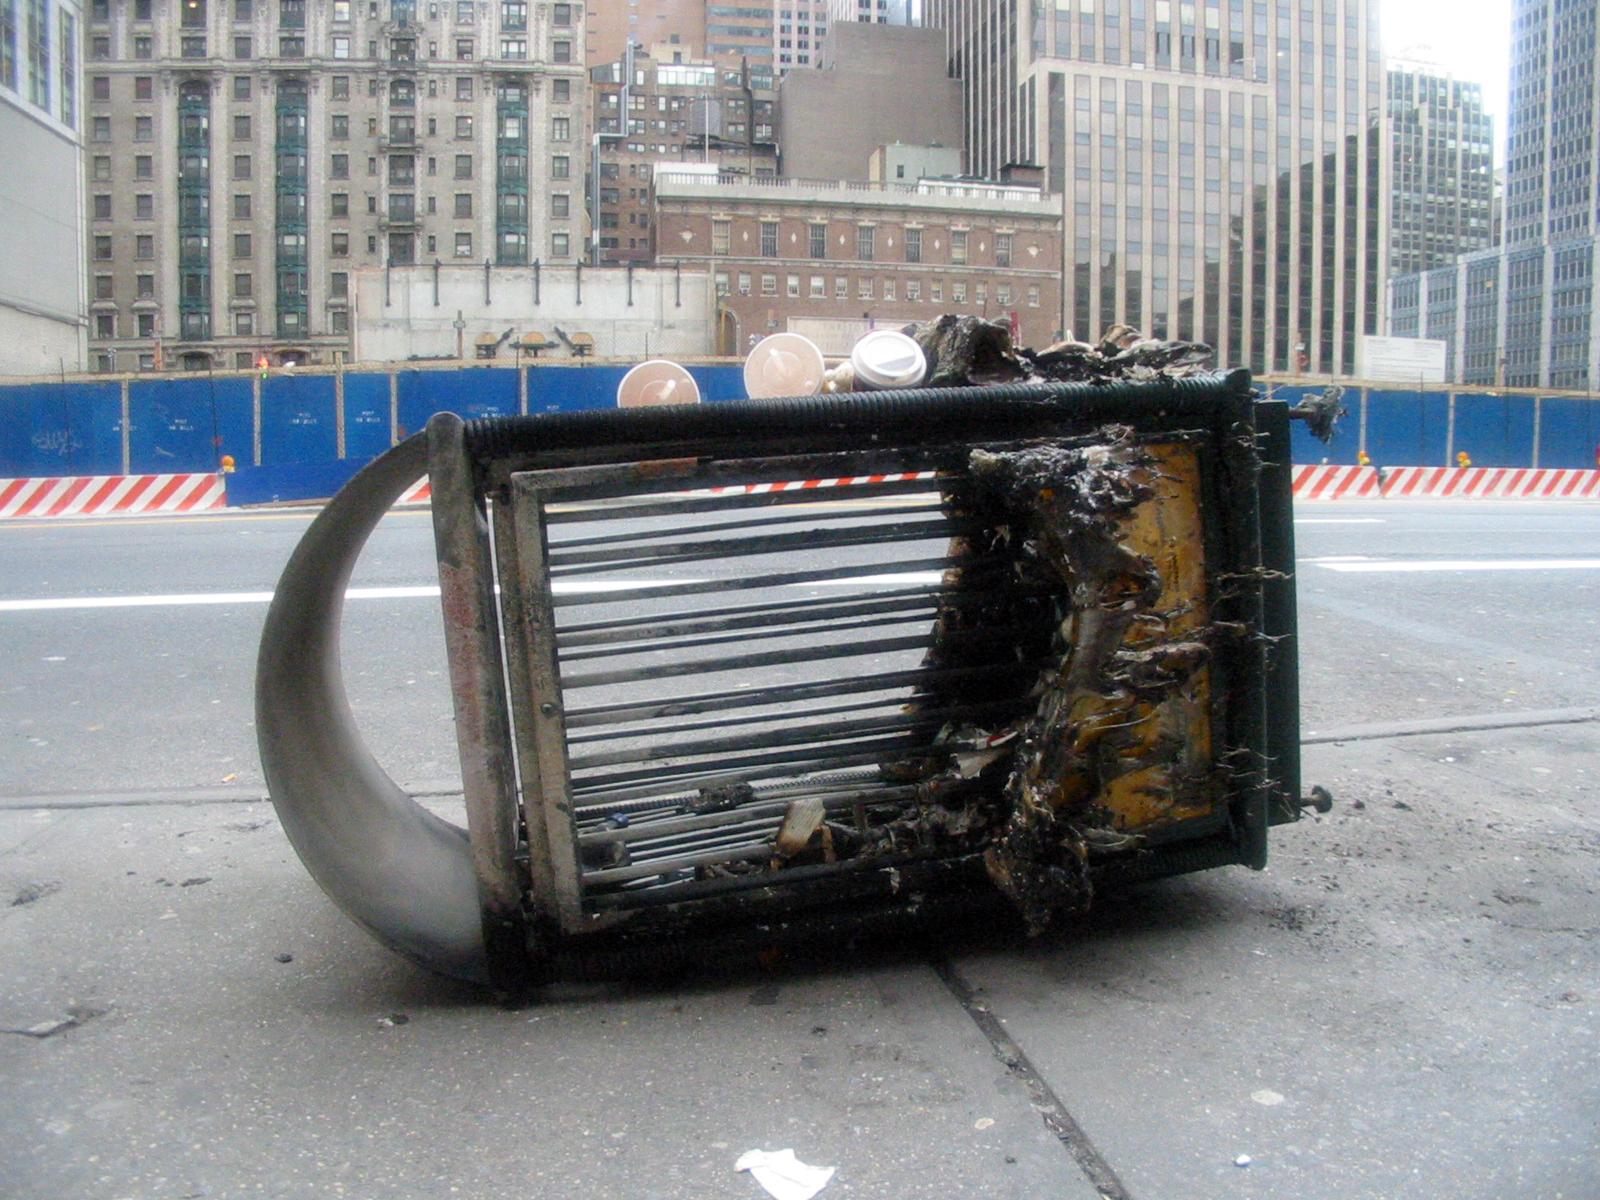 42nd Street, New York, NY